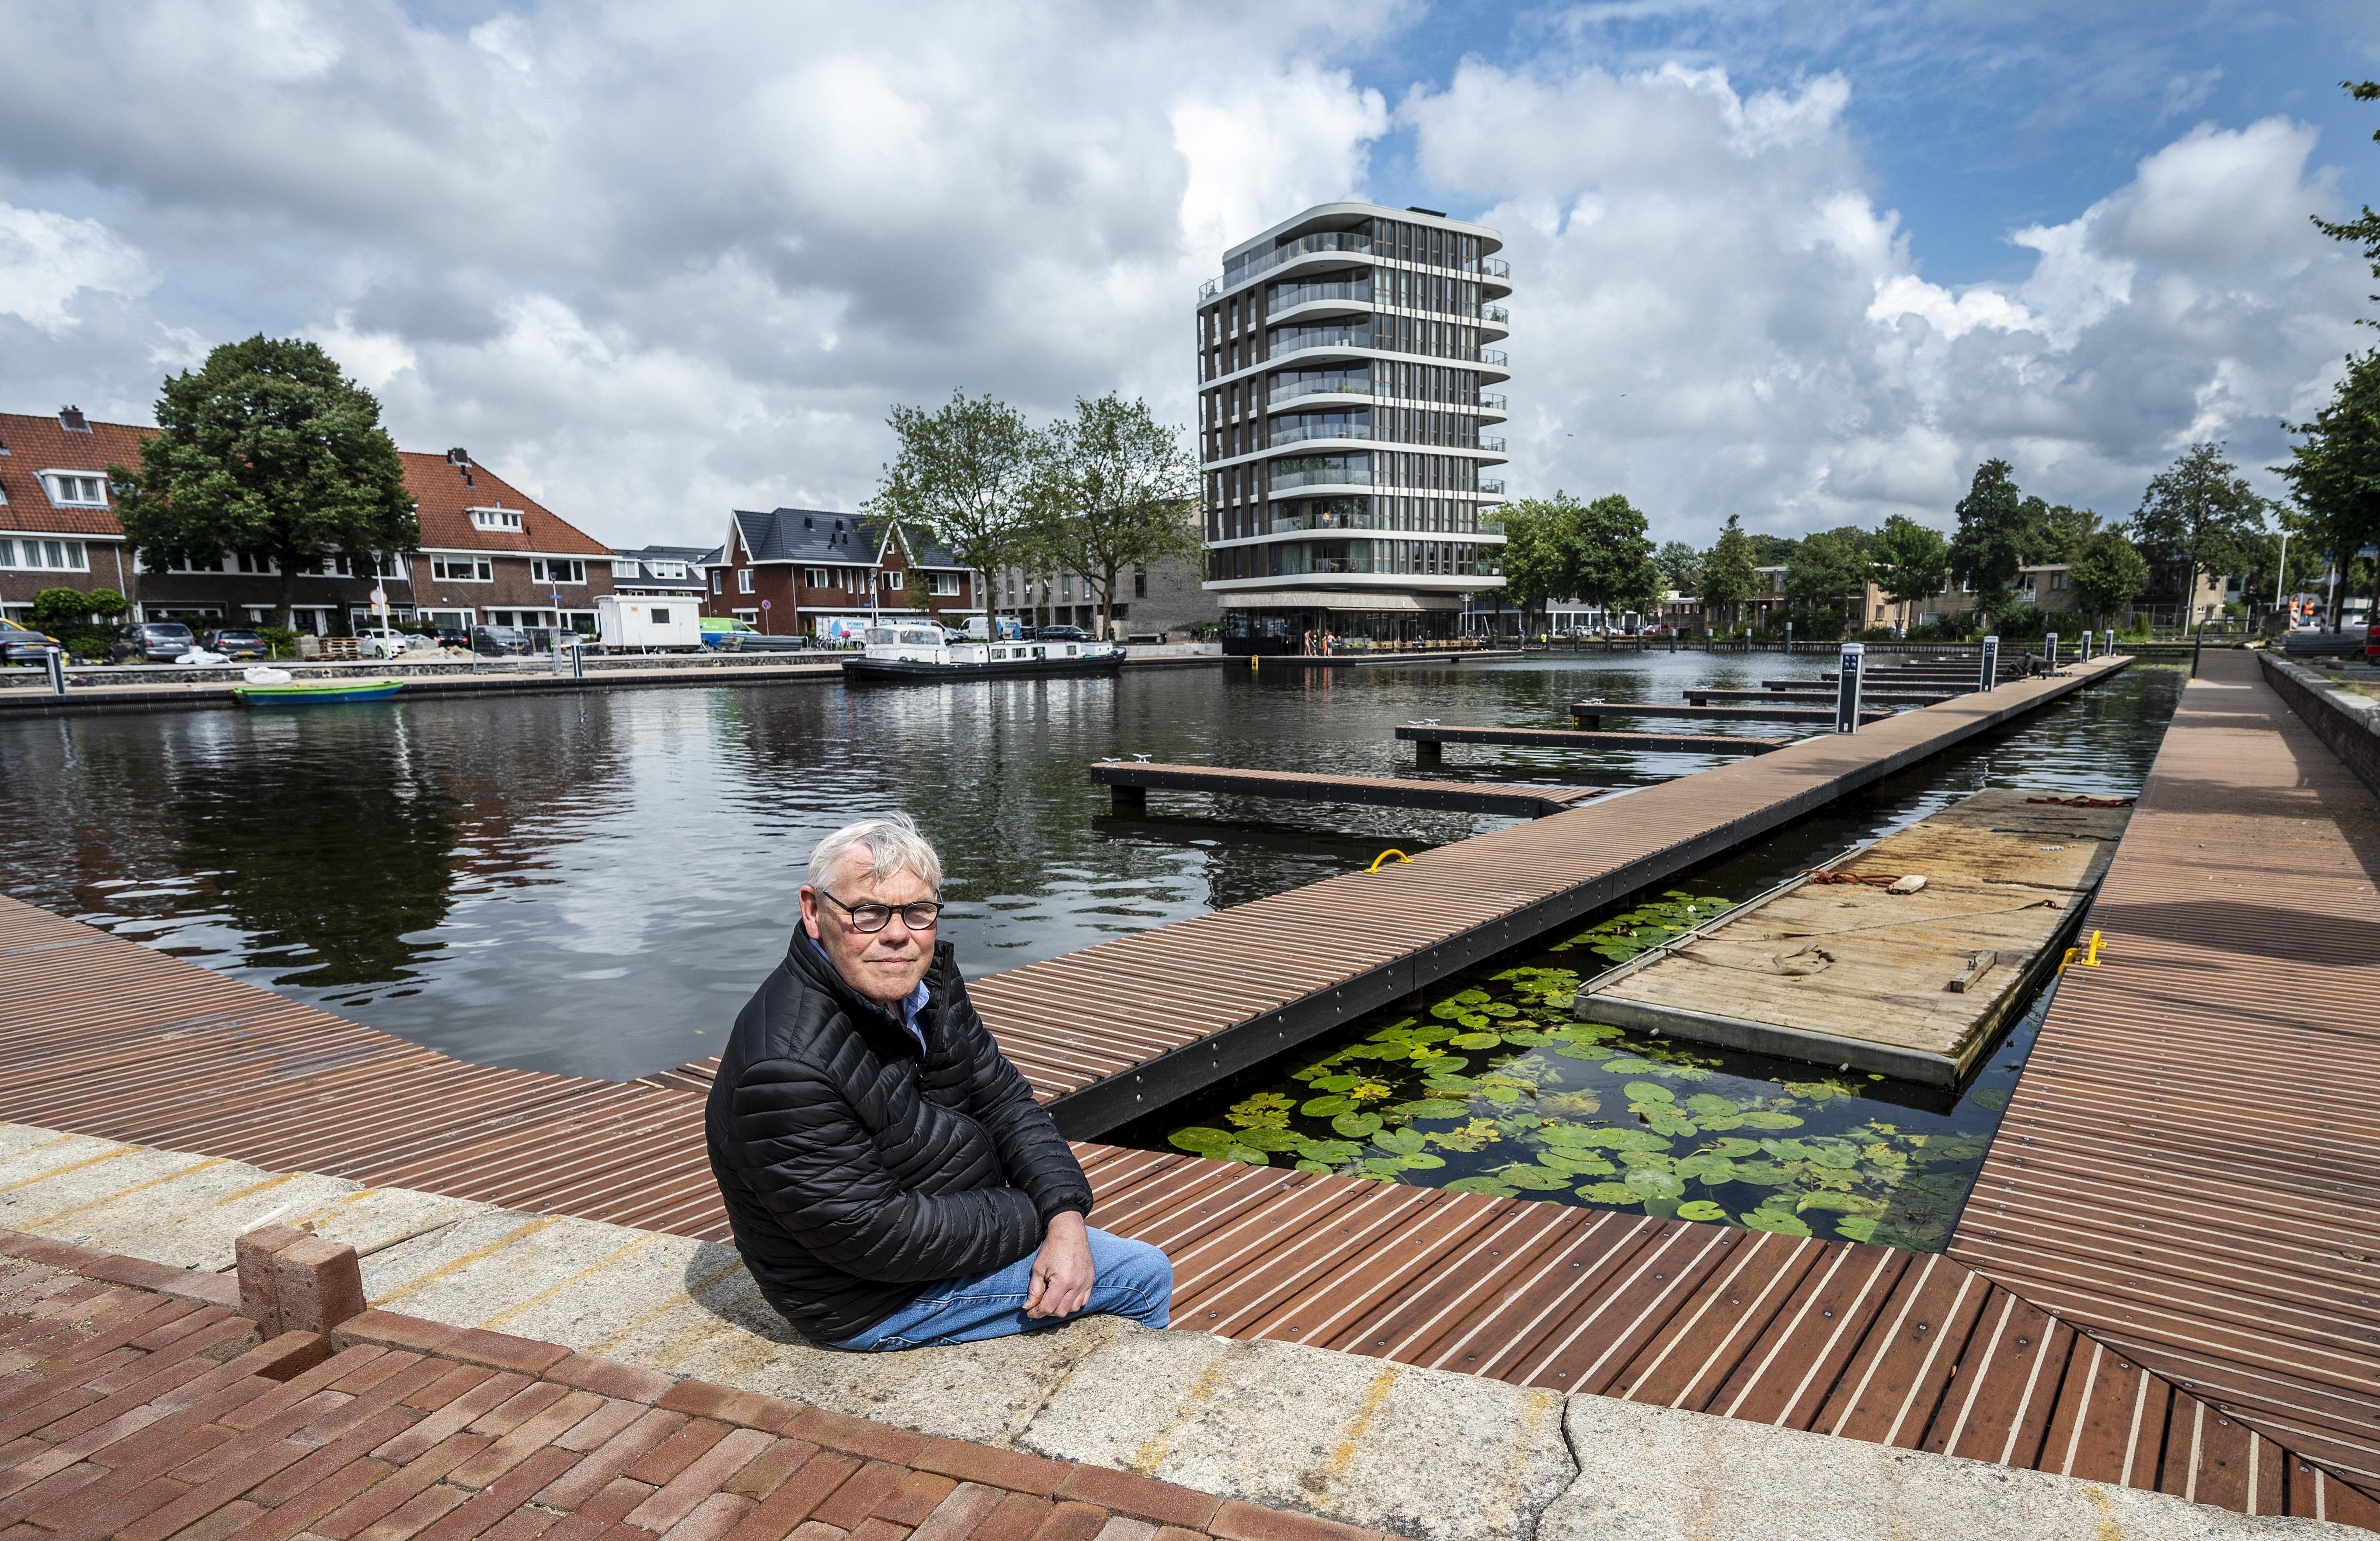 Eenmaal begonnen is stoppen geen optie meer. Harry Opheikens (63) fotografeert sinds 2016 alles rondom de Heemsteedse haven